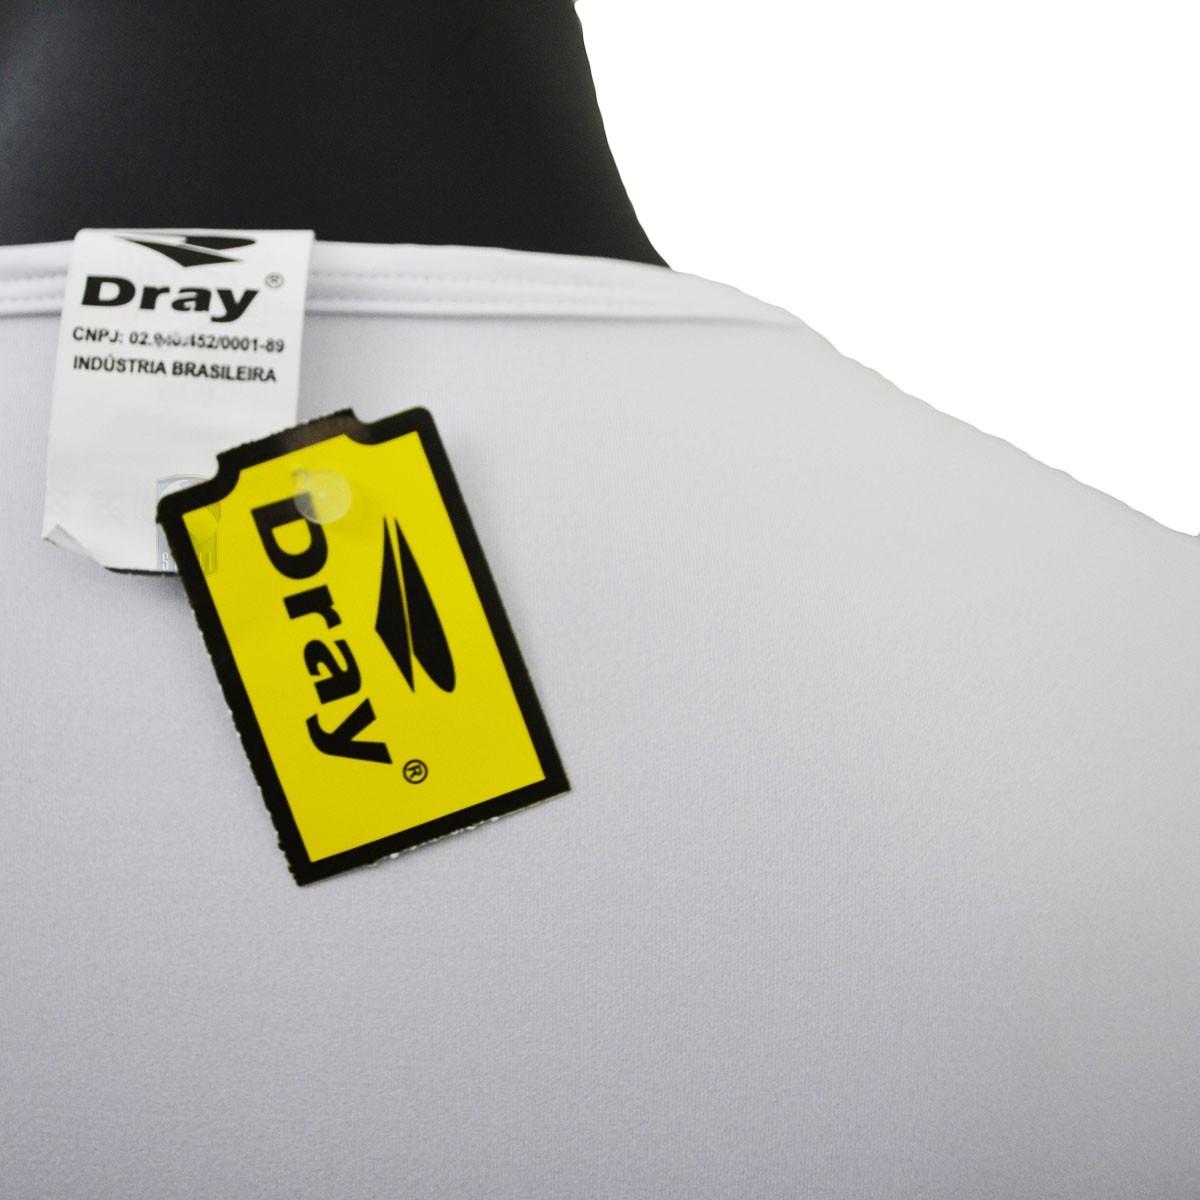 1403a4b1a1 camisa térmica de compressão dray manga longa poliamida c nf. Carregando  zoom.